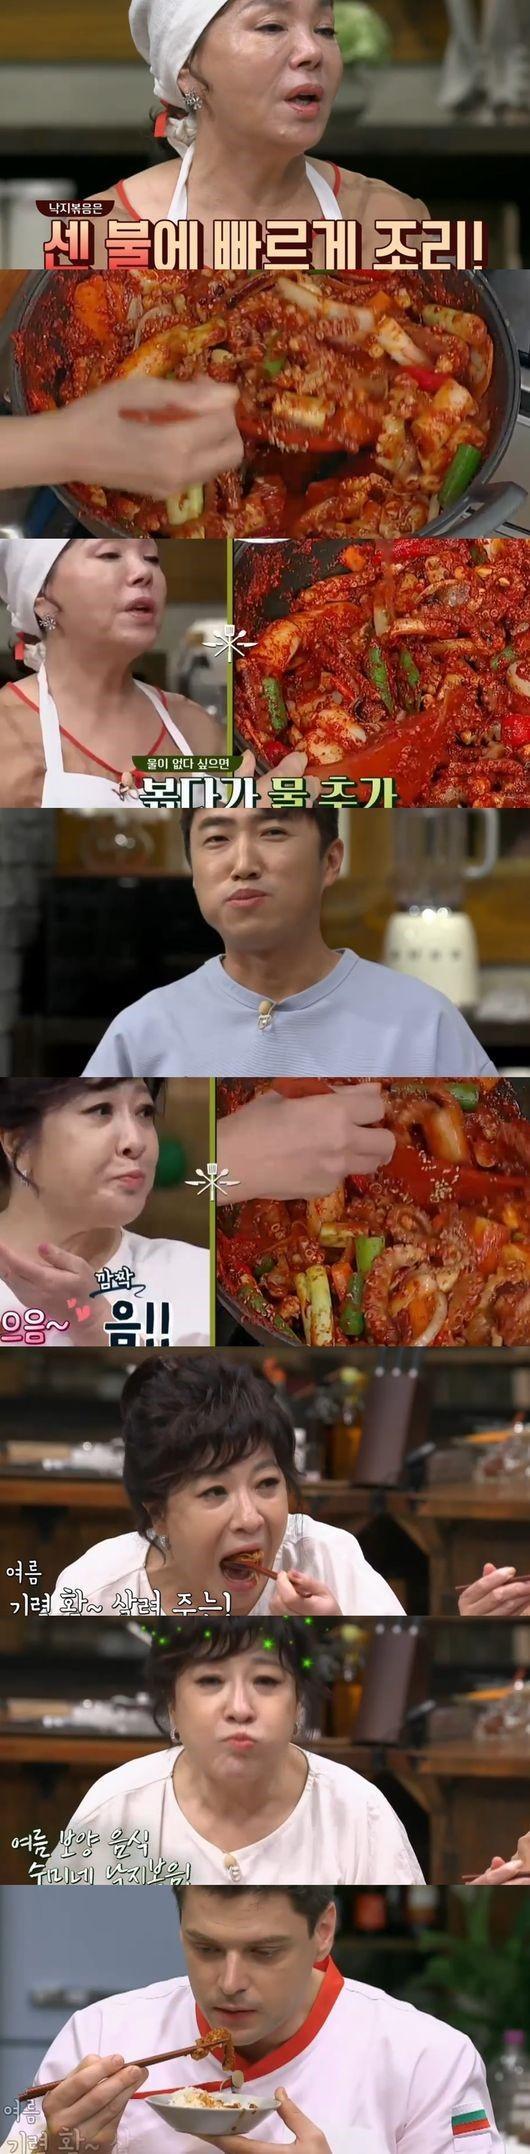 '수미네반찬' 김수미표 낙지볶음에 시